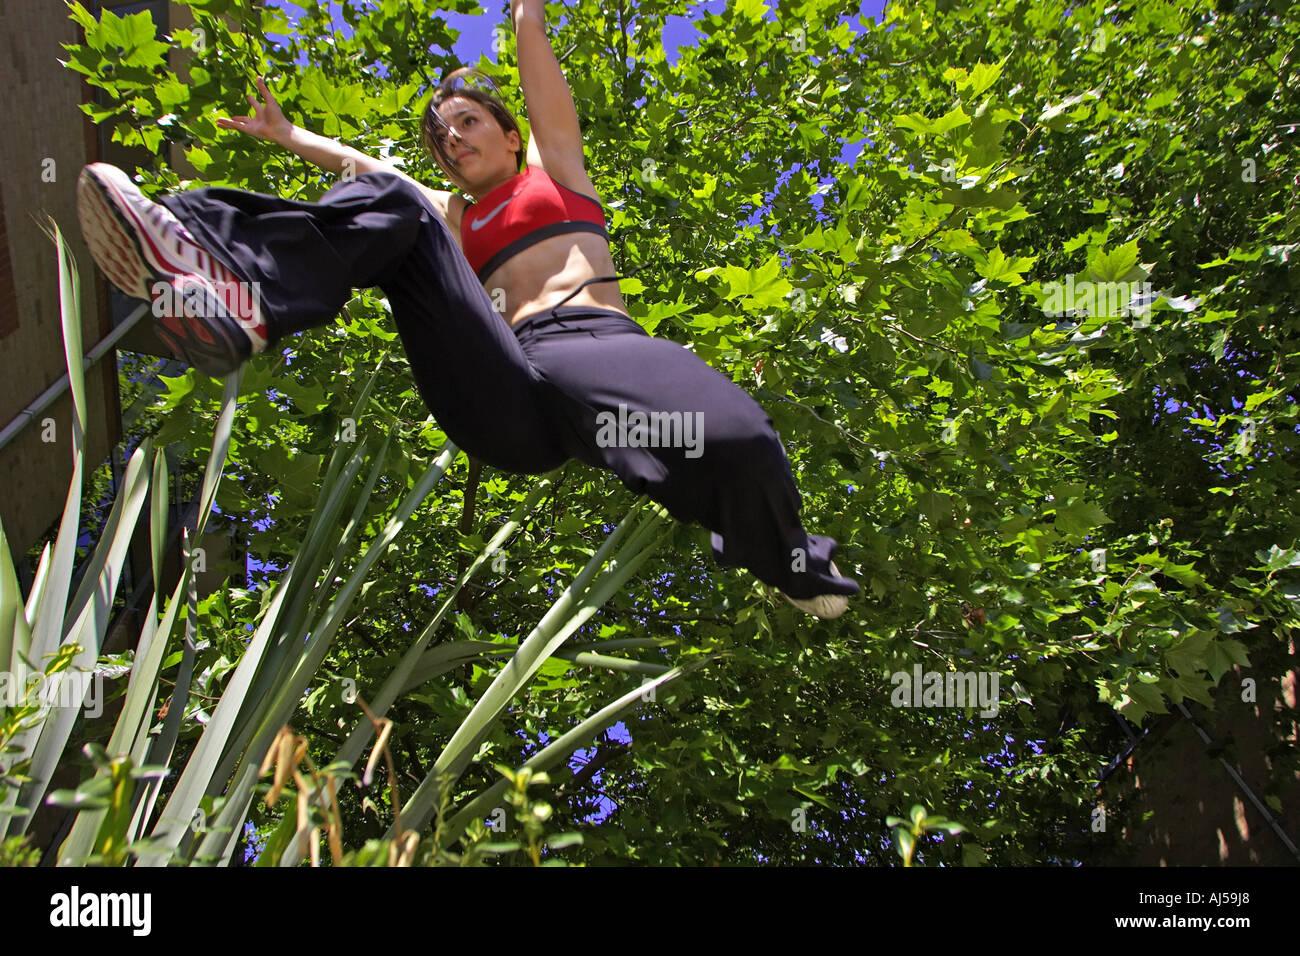 Women performs le Parkour leap - Stock Image